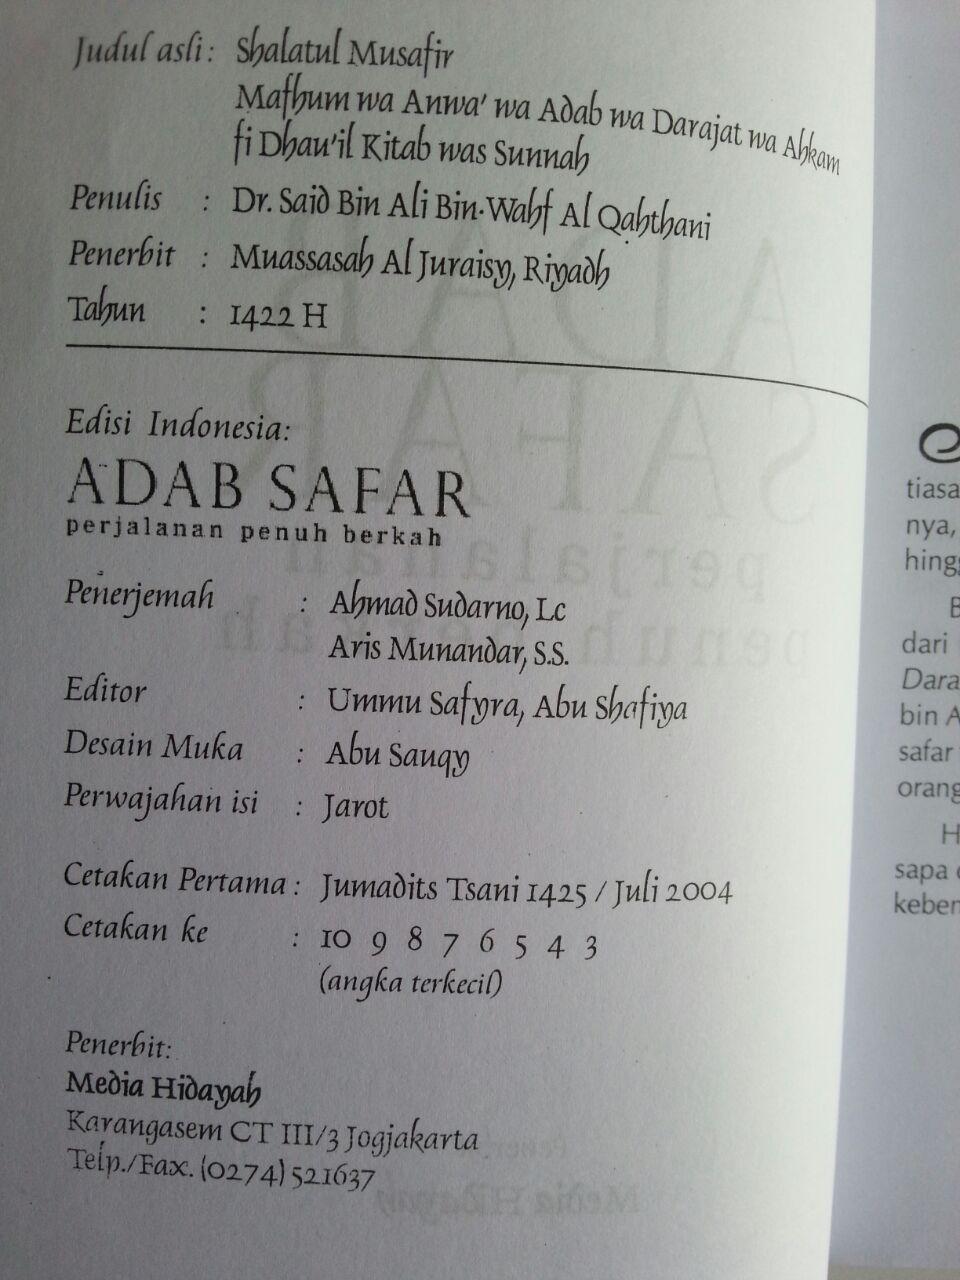 Buku Adab Safar Perjalanan Penuh Berkah isi